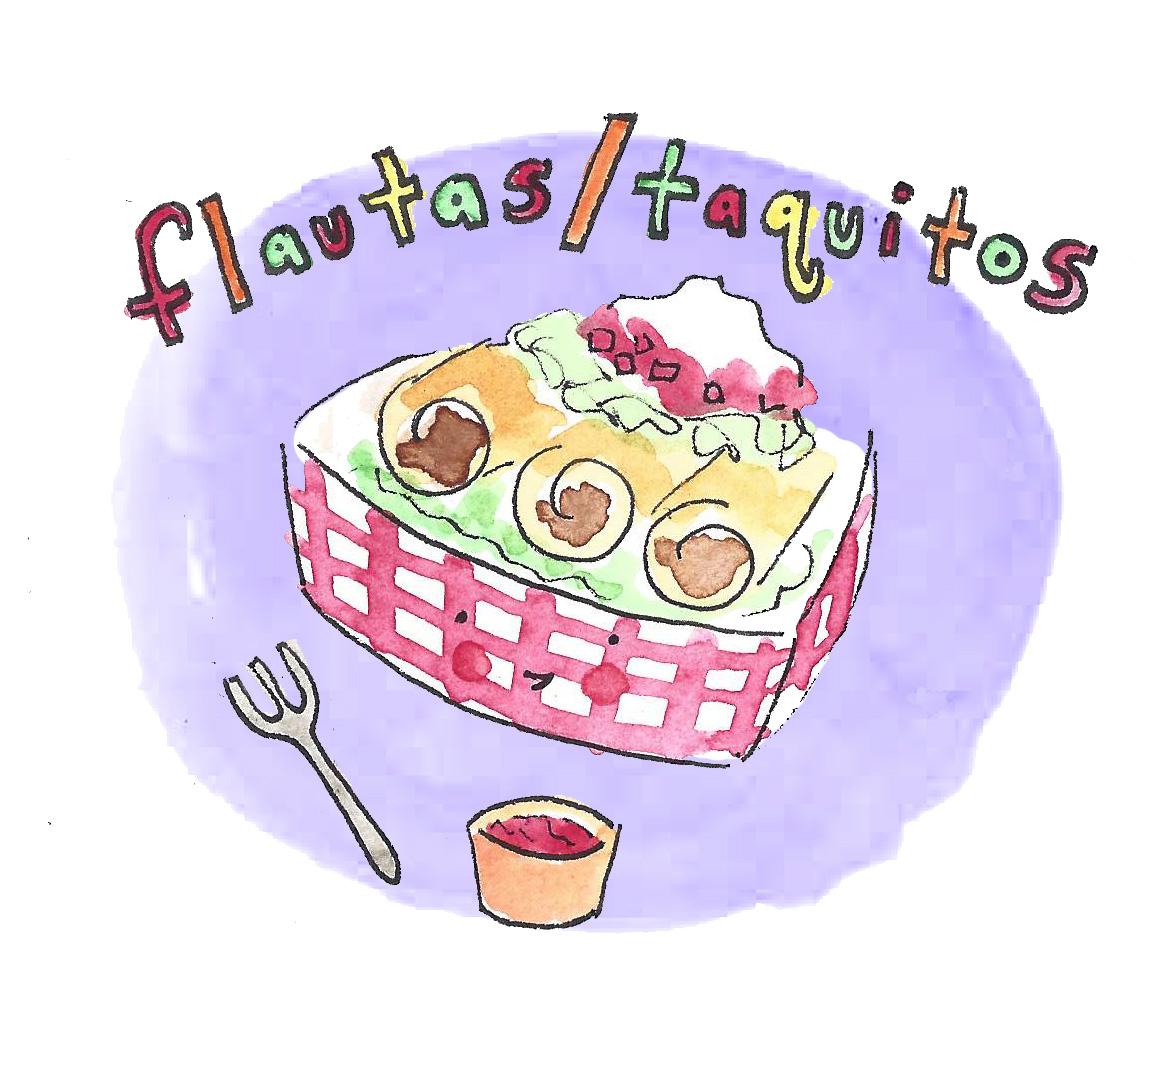 Flautas / taquitos